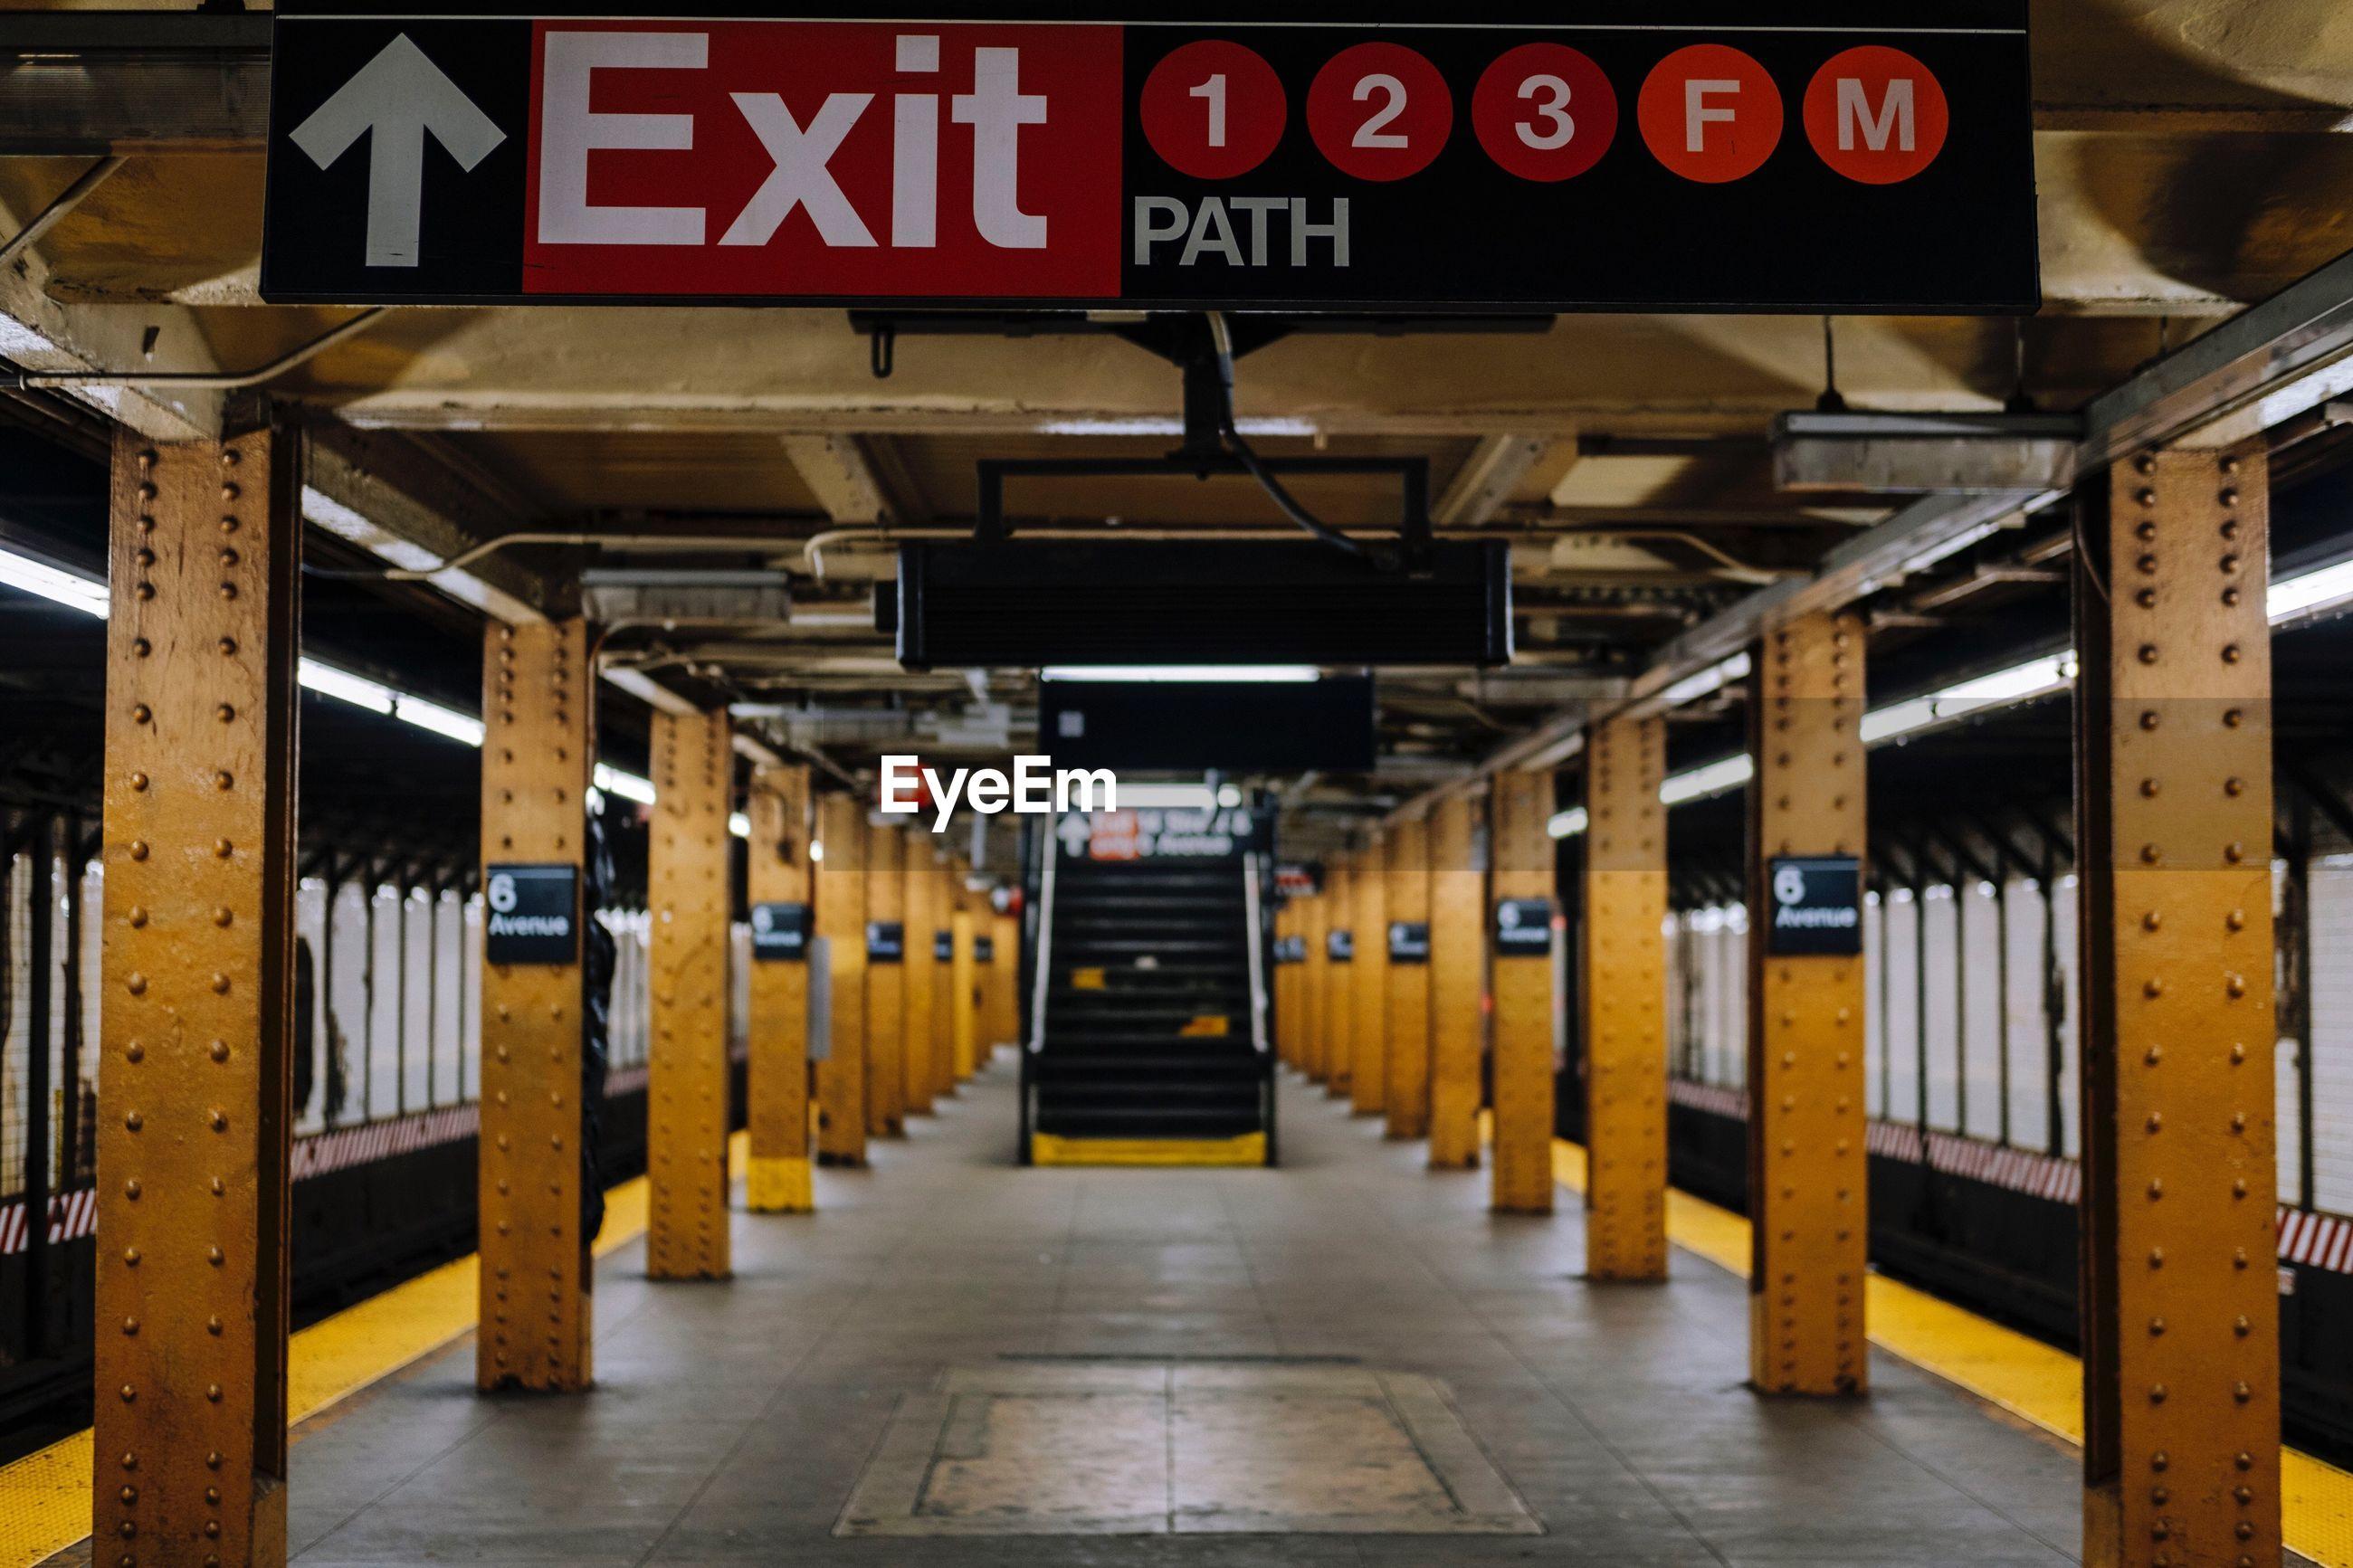 Exit sign on subway station platform